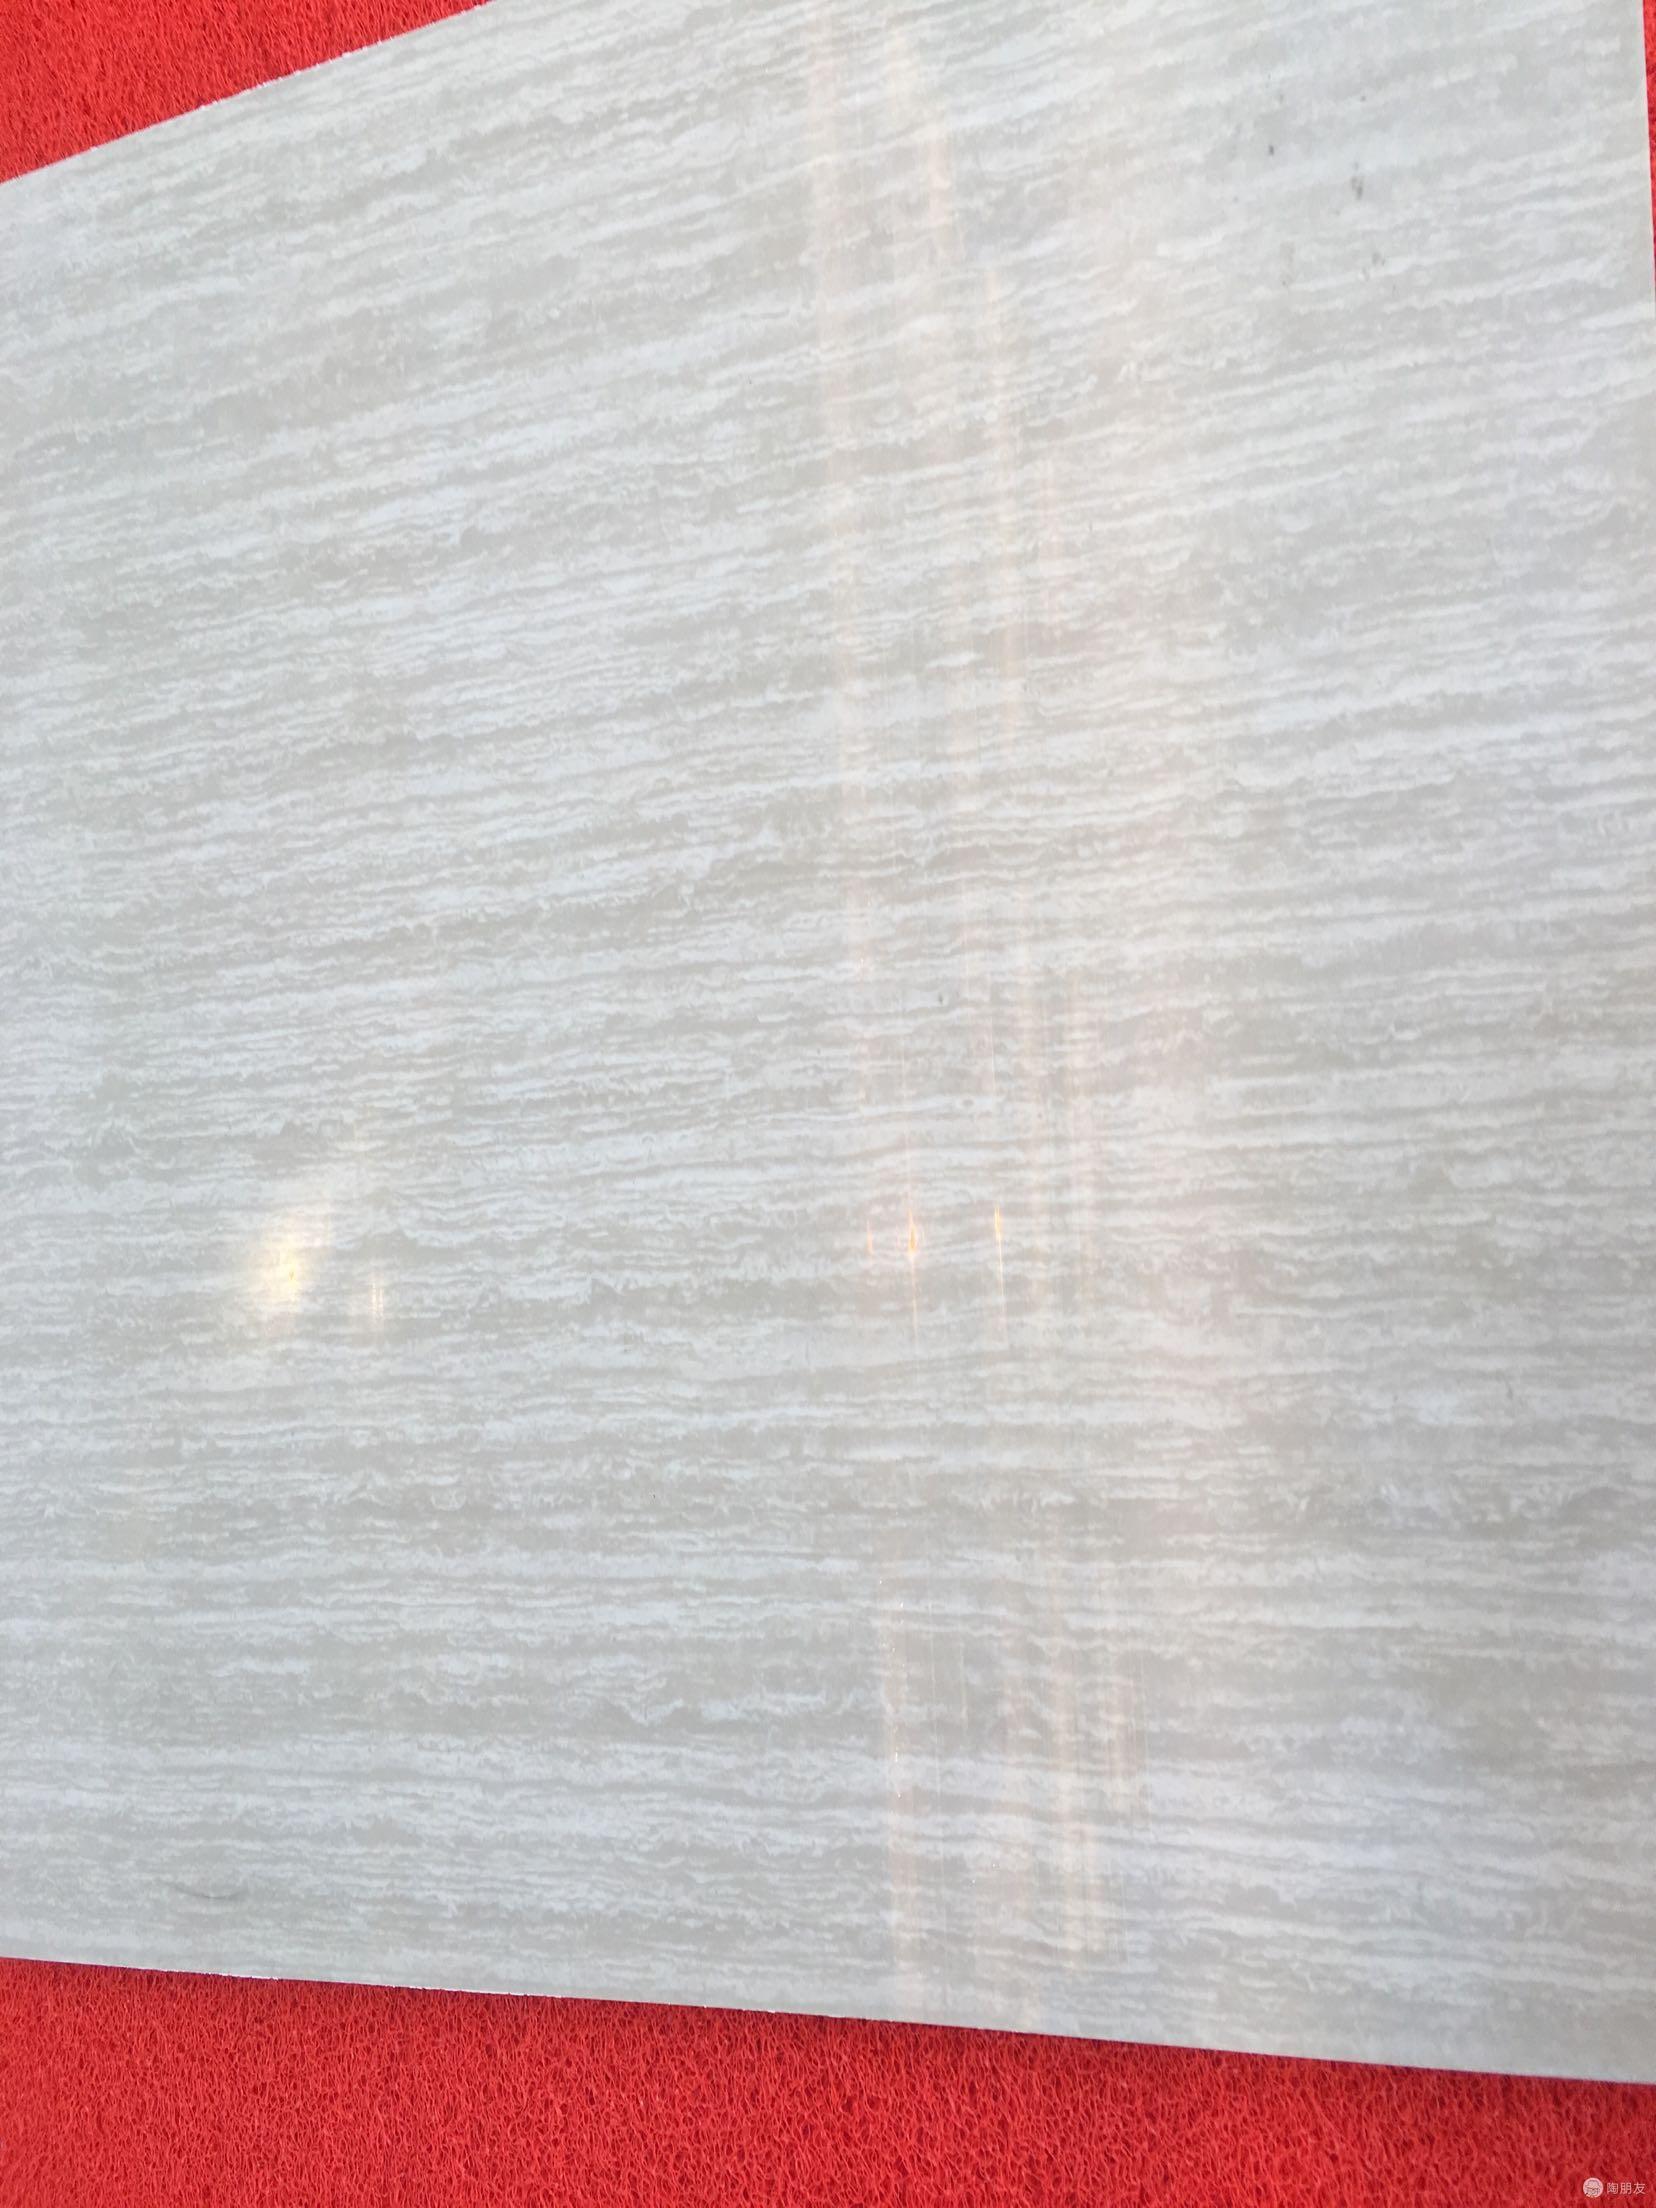 灰色木纹抛光砖600×900